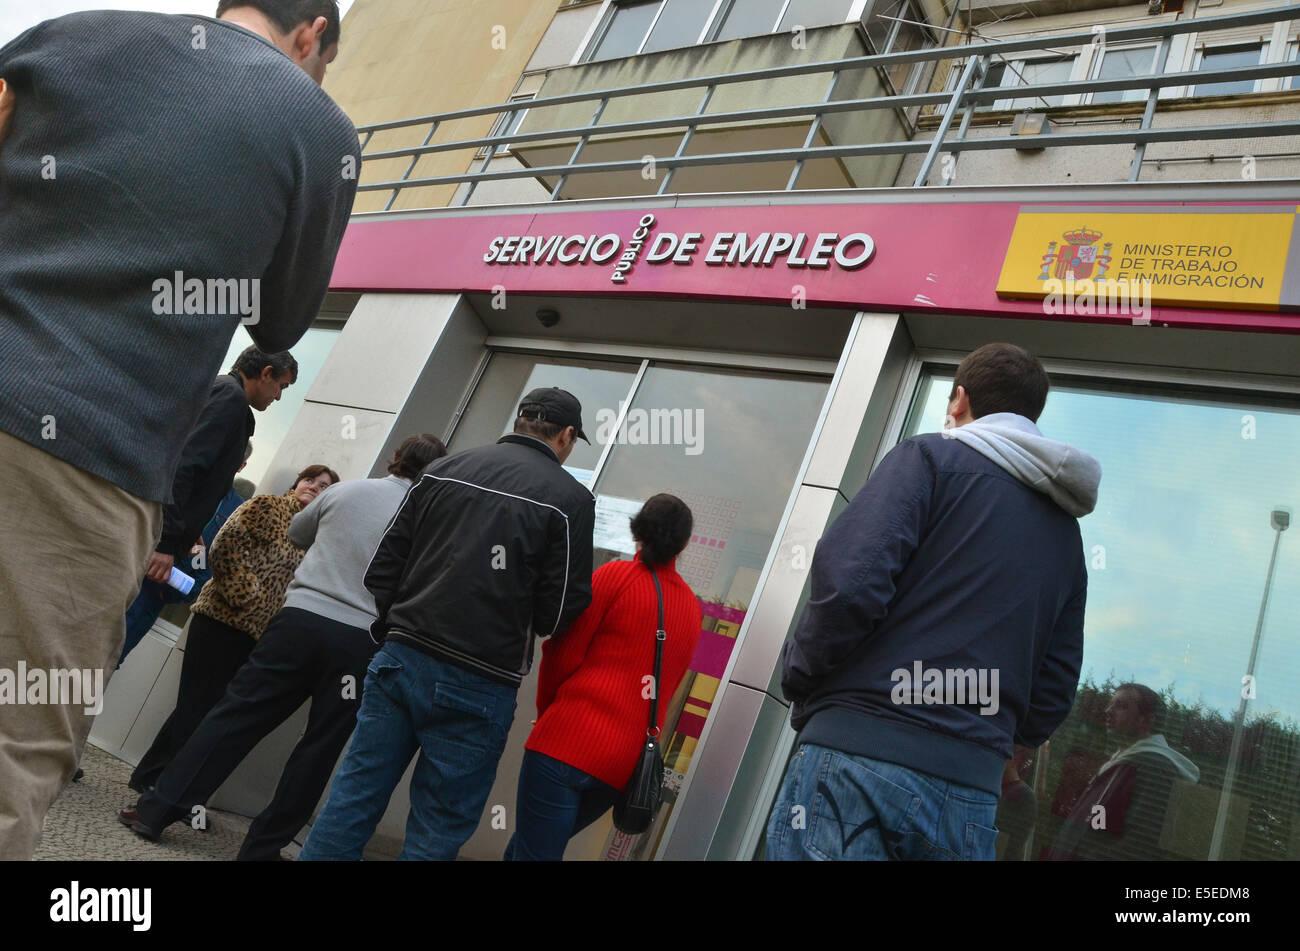 Santander, Espagne, 21 novembre 2011. Une file d'attente des chômeurs pour leur centre d'emploi local Photo Stock